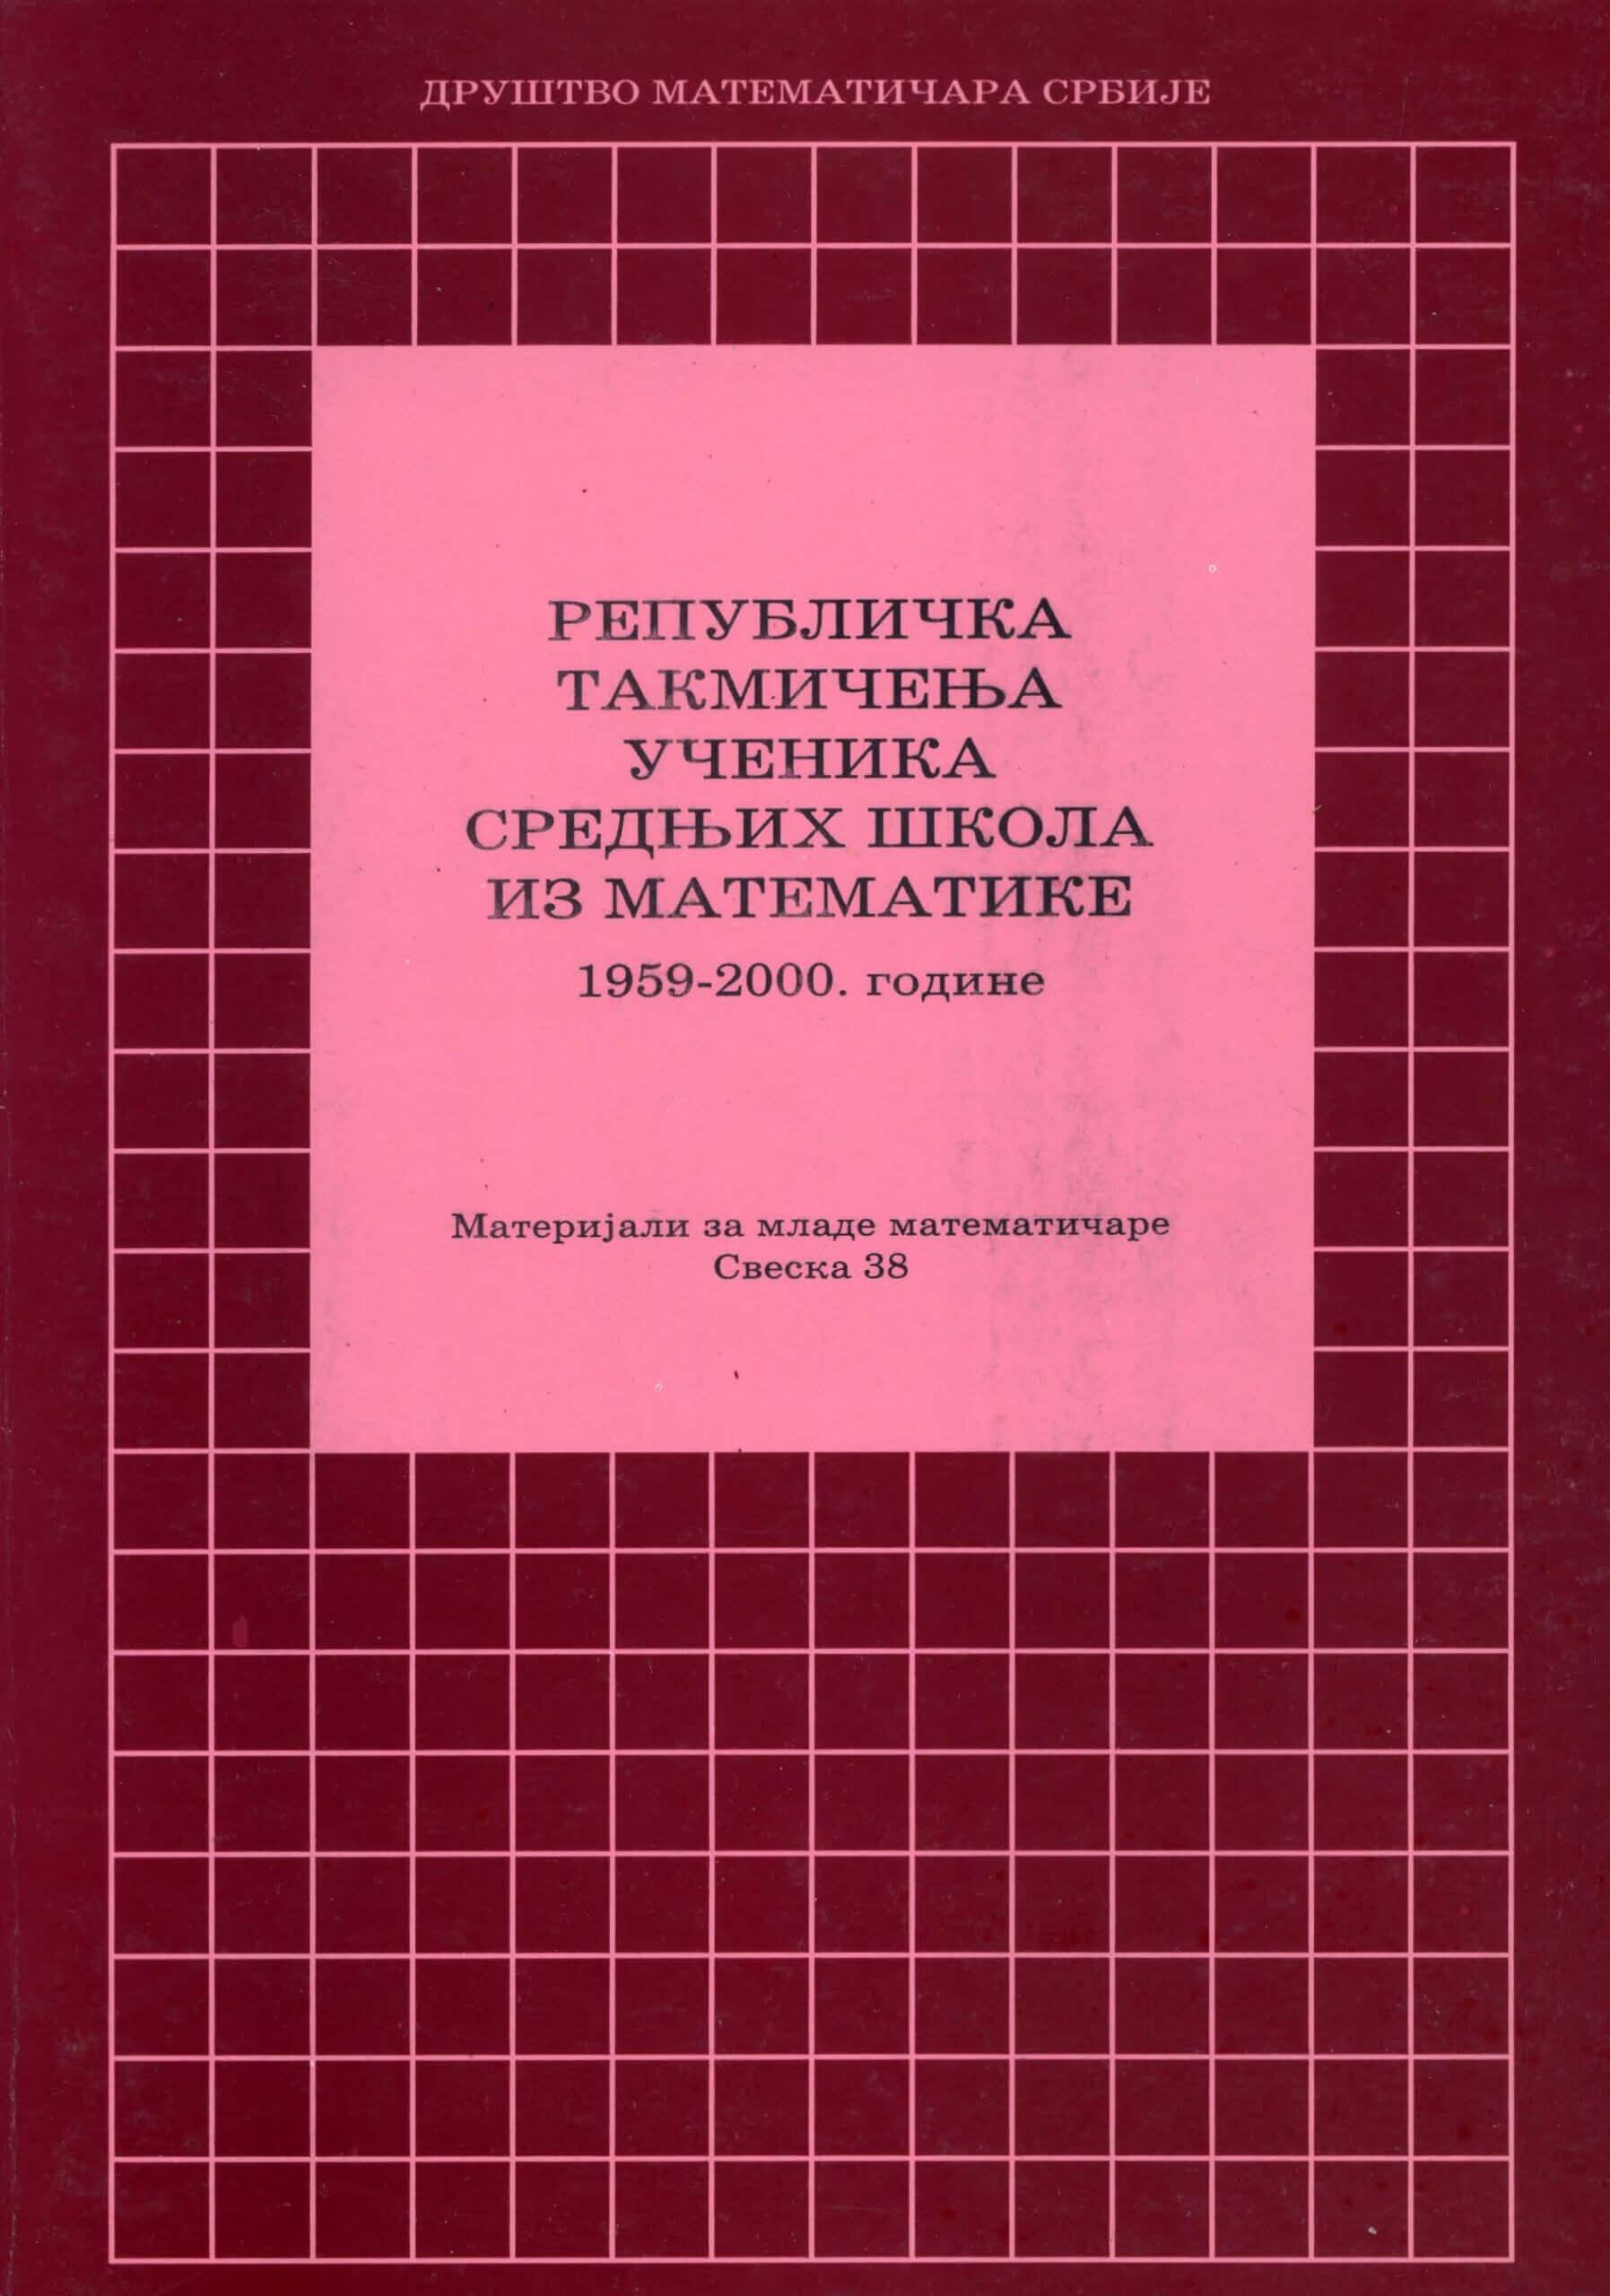 РЕПУБЛИЧКА ТАКМИЧЕЊА УЧЕНИКА СРЕДЊИХ ШКОЛА ИЗ МАТЕМАТИКЕ, 1959-2000.